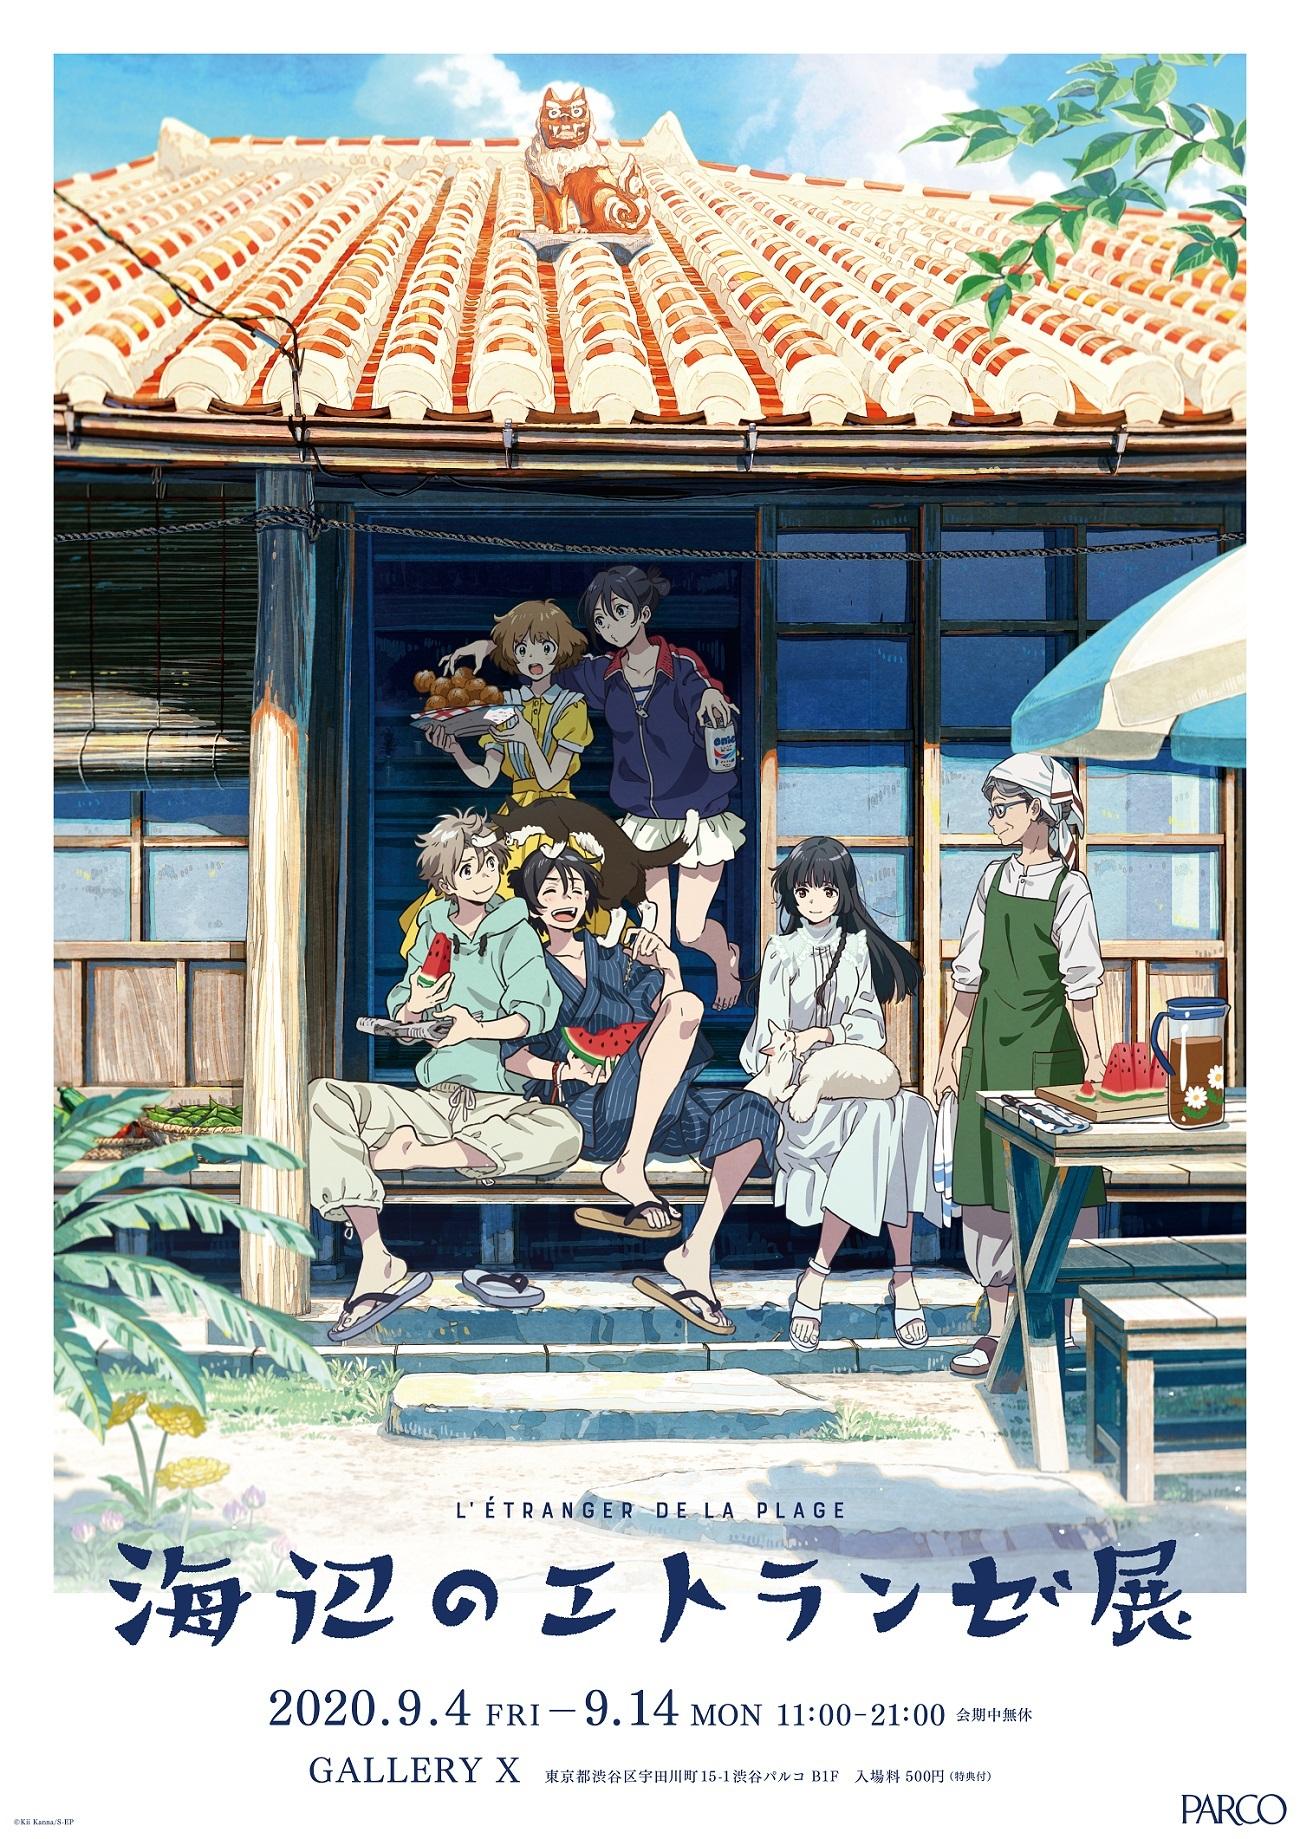 (C)紀伊カンナ/祥伝社 on BLUE comics